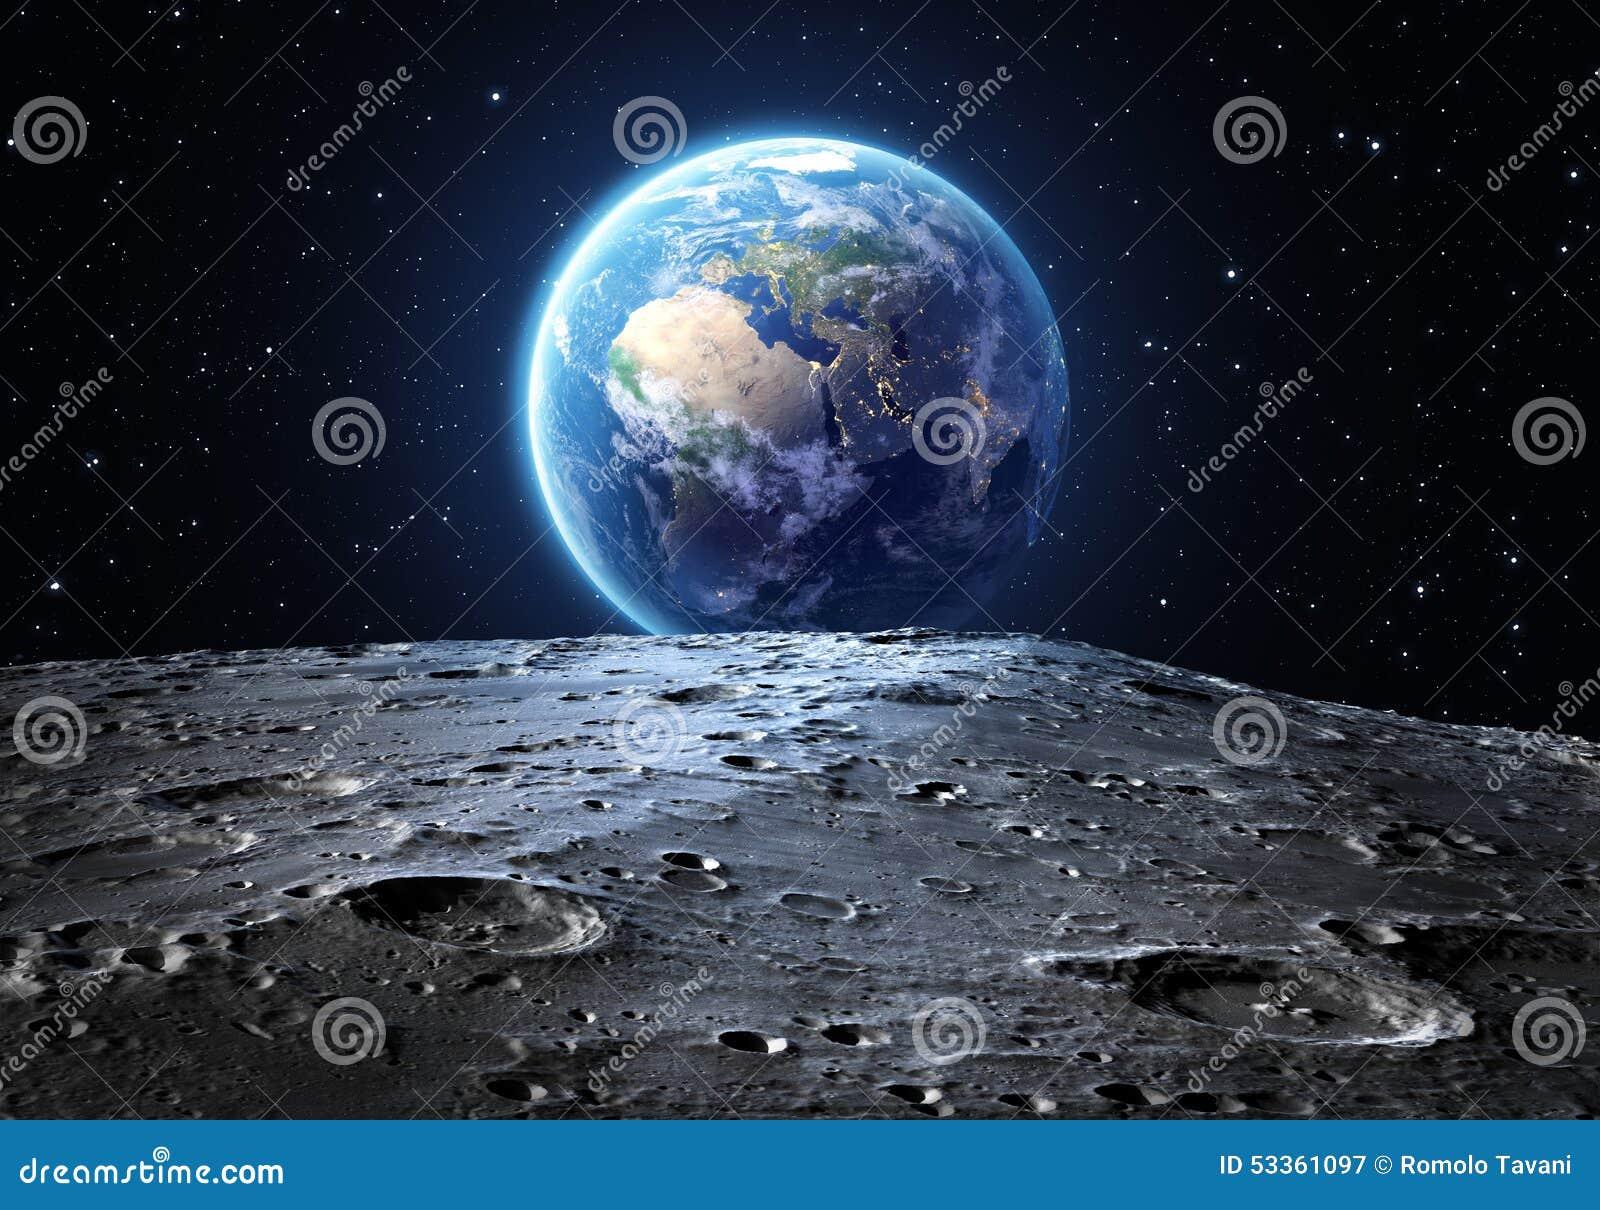 从月亮表面看见的蓝色地球